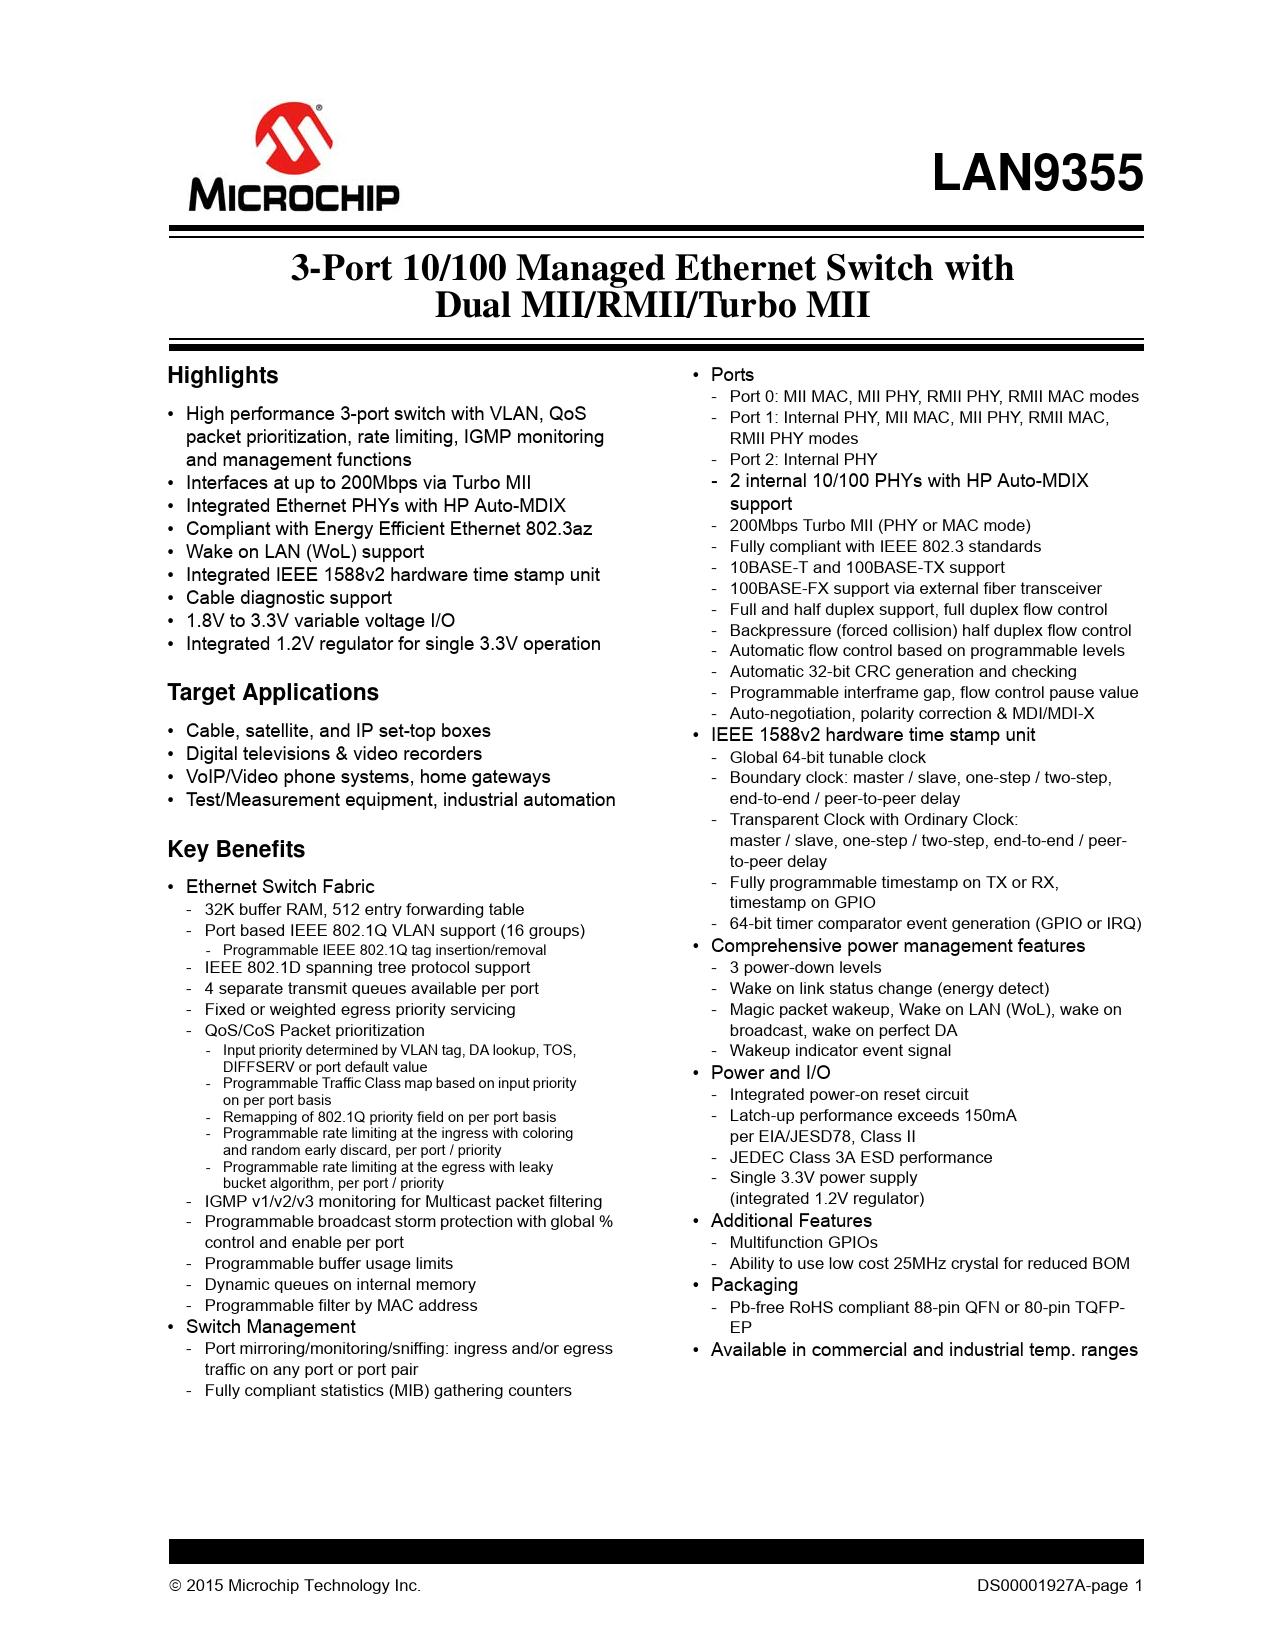 Datasheet LAN9355 Microchip